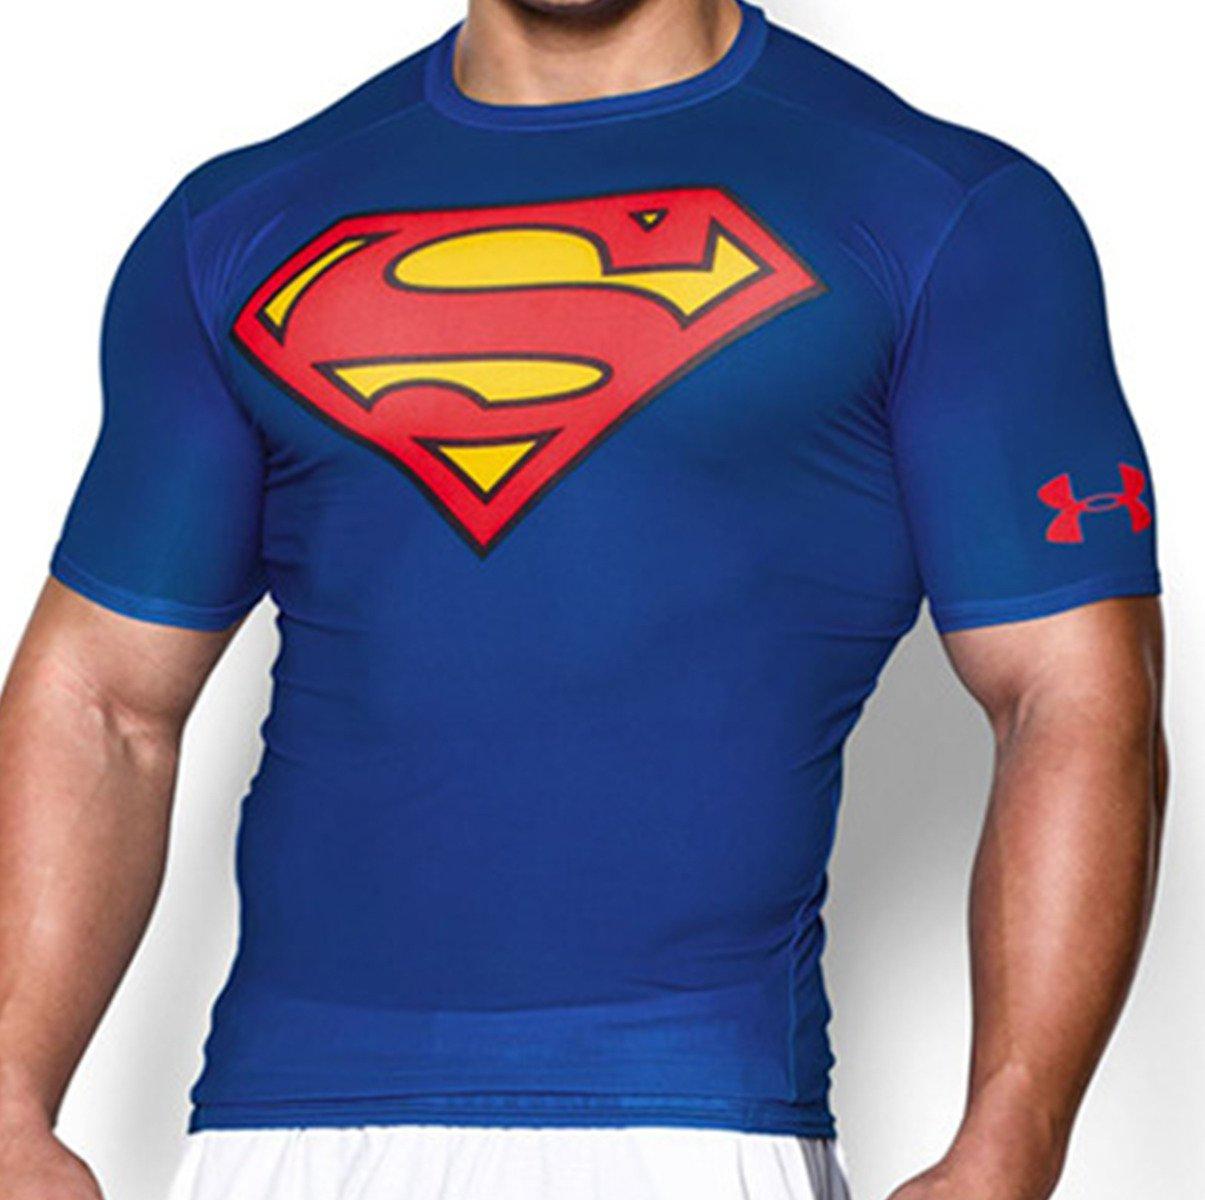 under armour alter ego superman compression t shirt 1244399 401 basketball clothing sklep. Black Bedroom Furniture Sets. Home Design Ideas